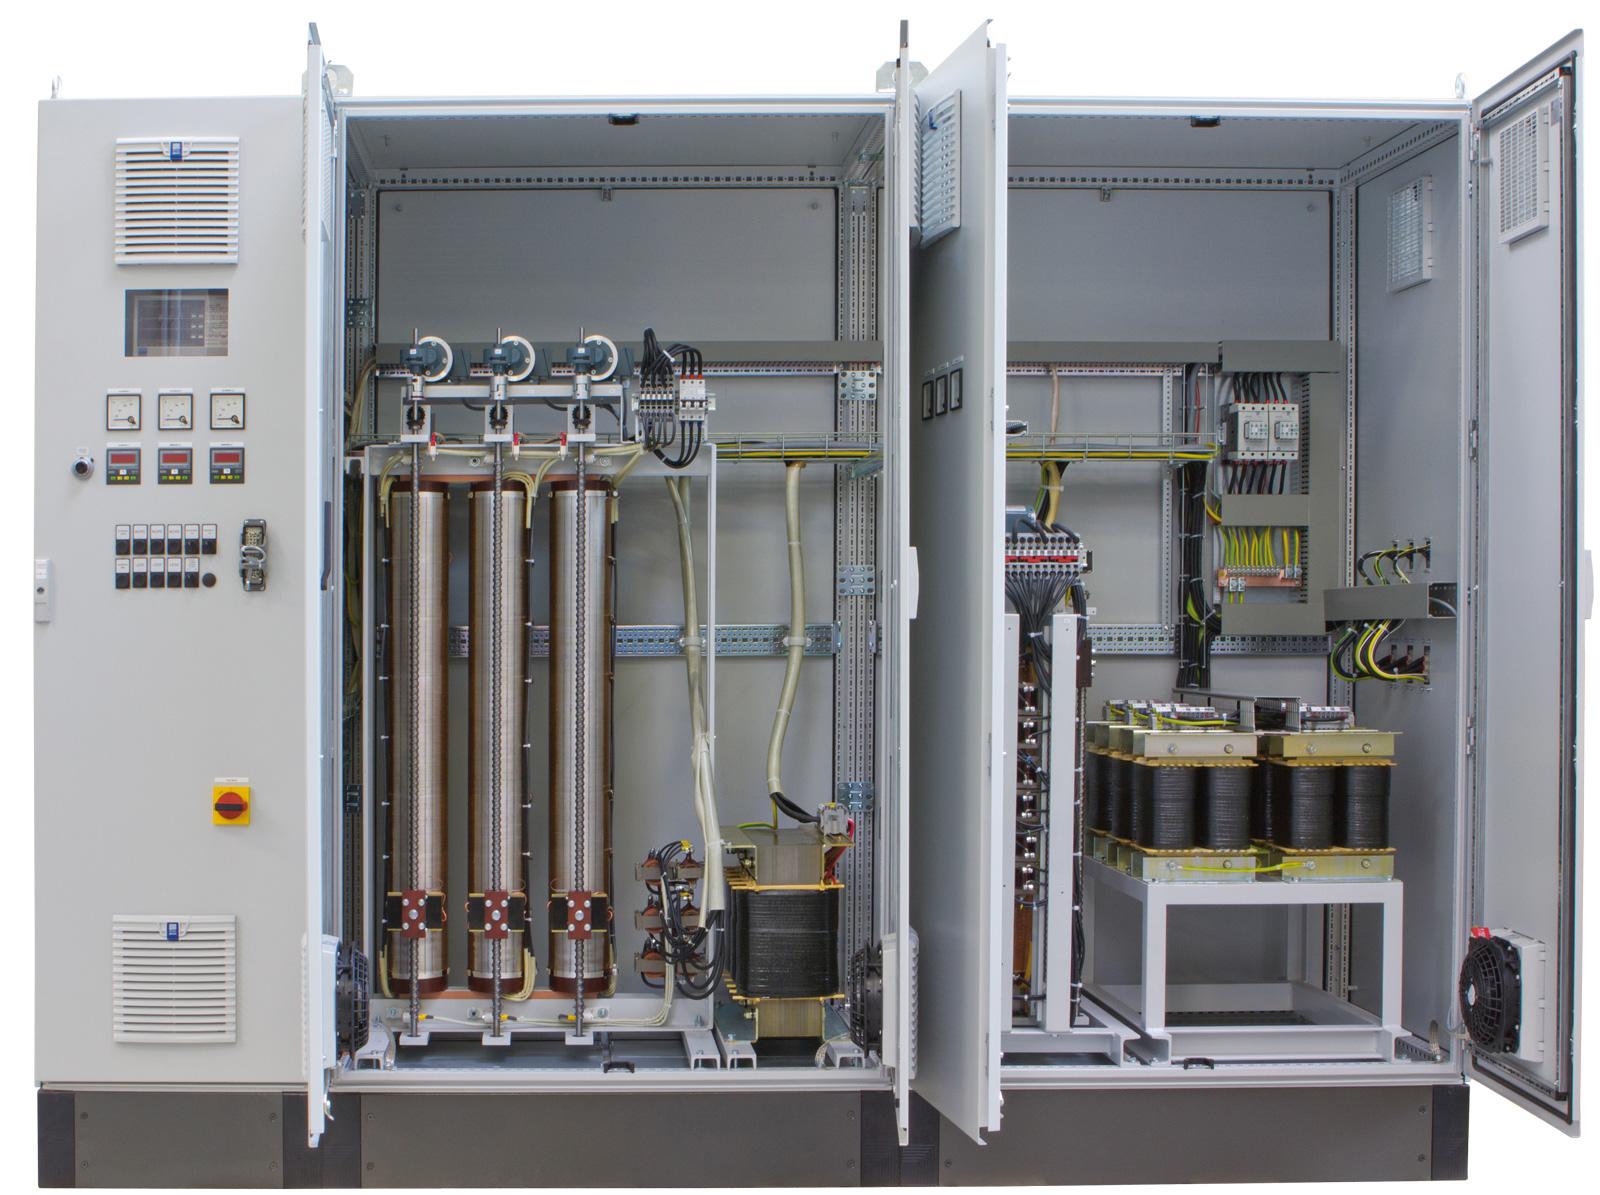 Prüfsysteme für Spannungs- Strom und Frequenzregelung